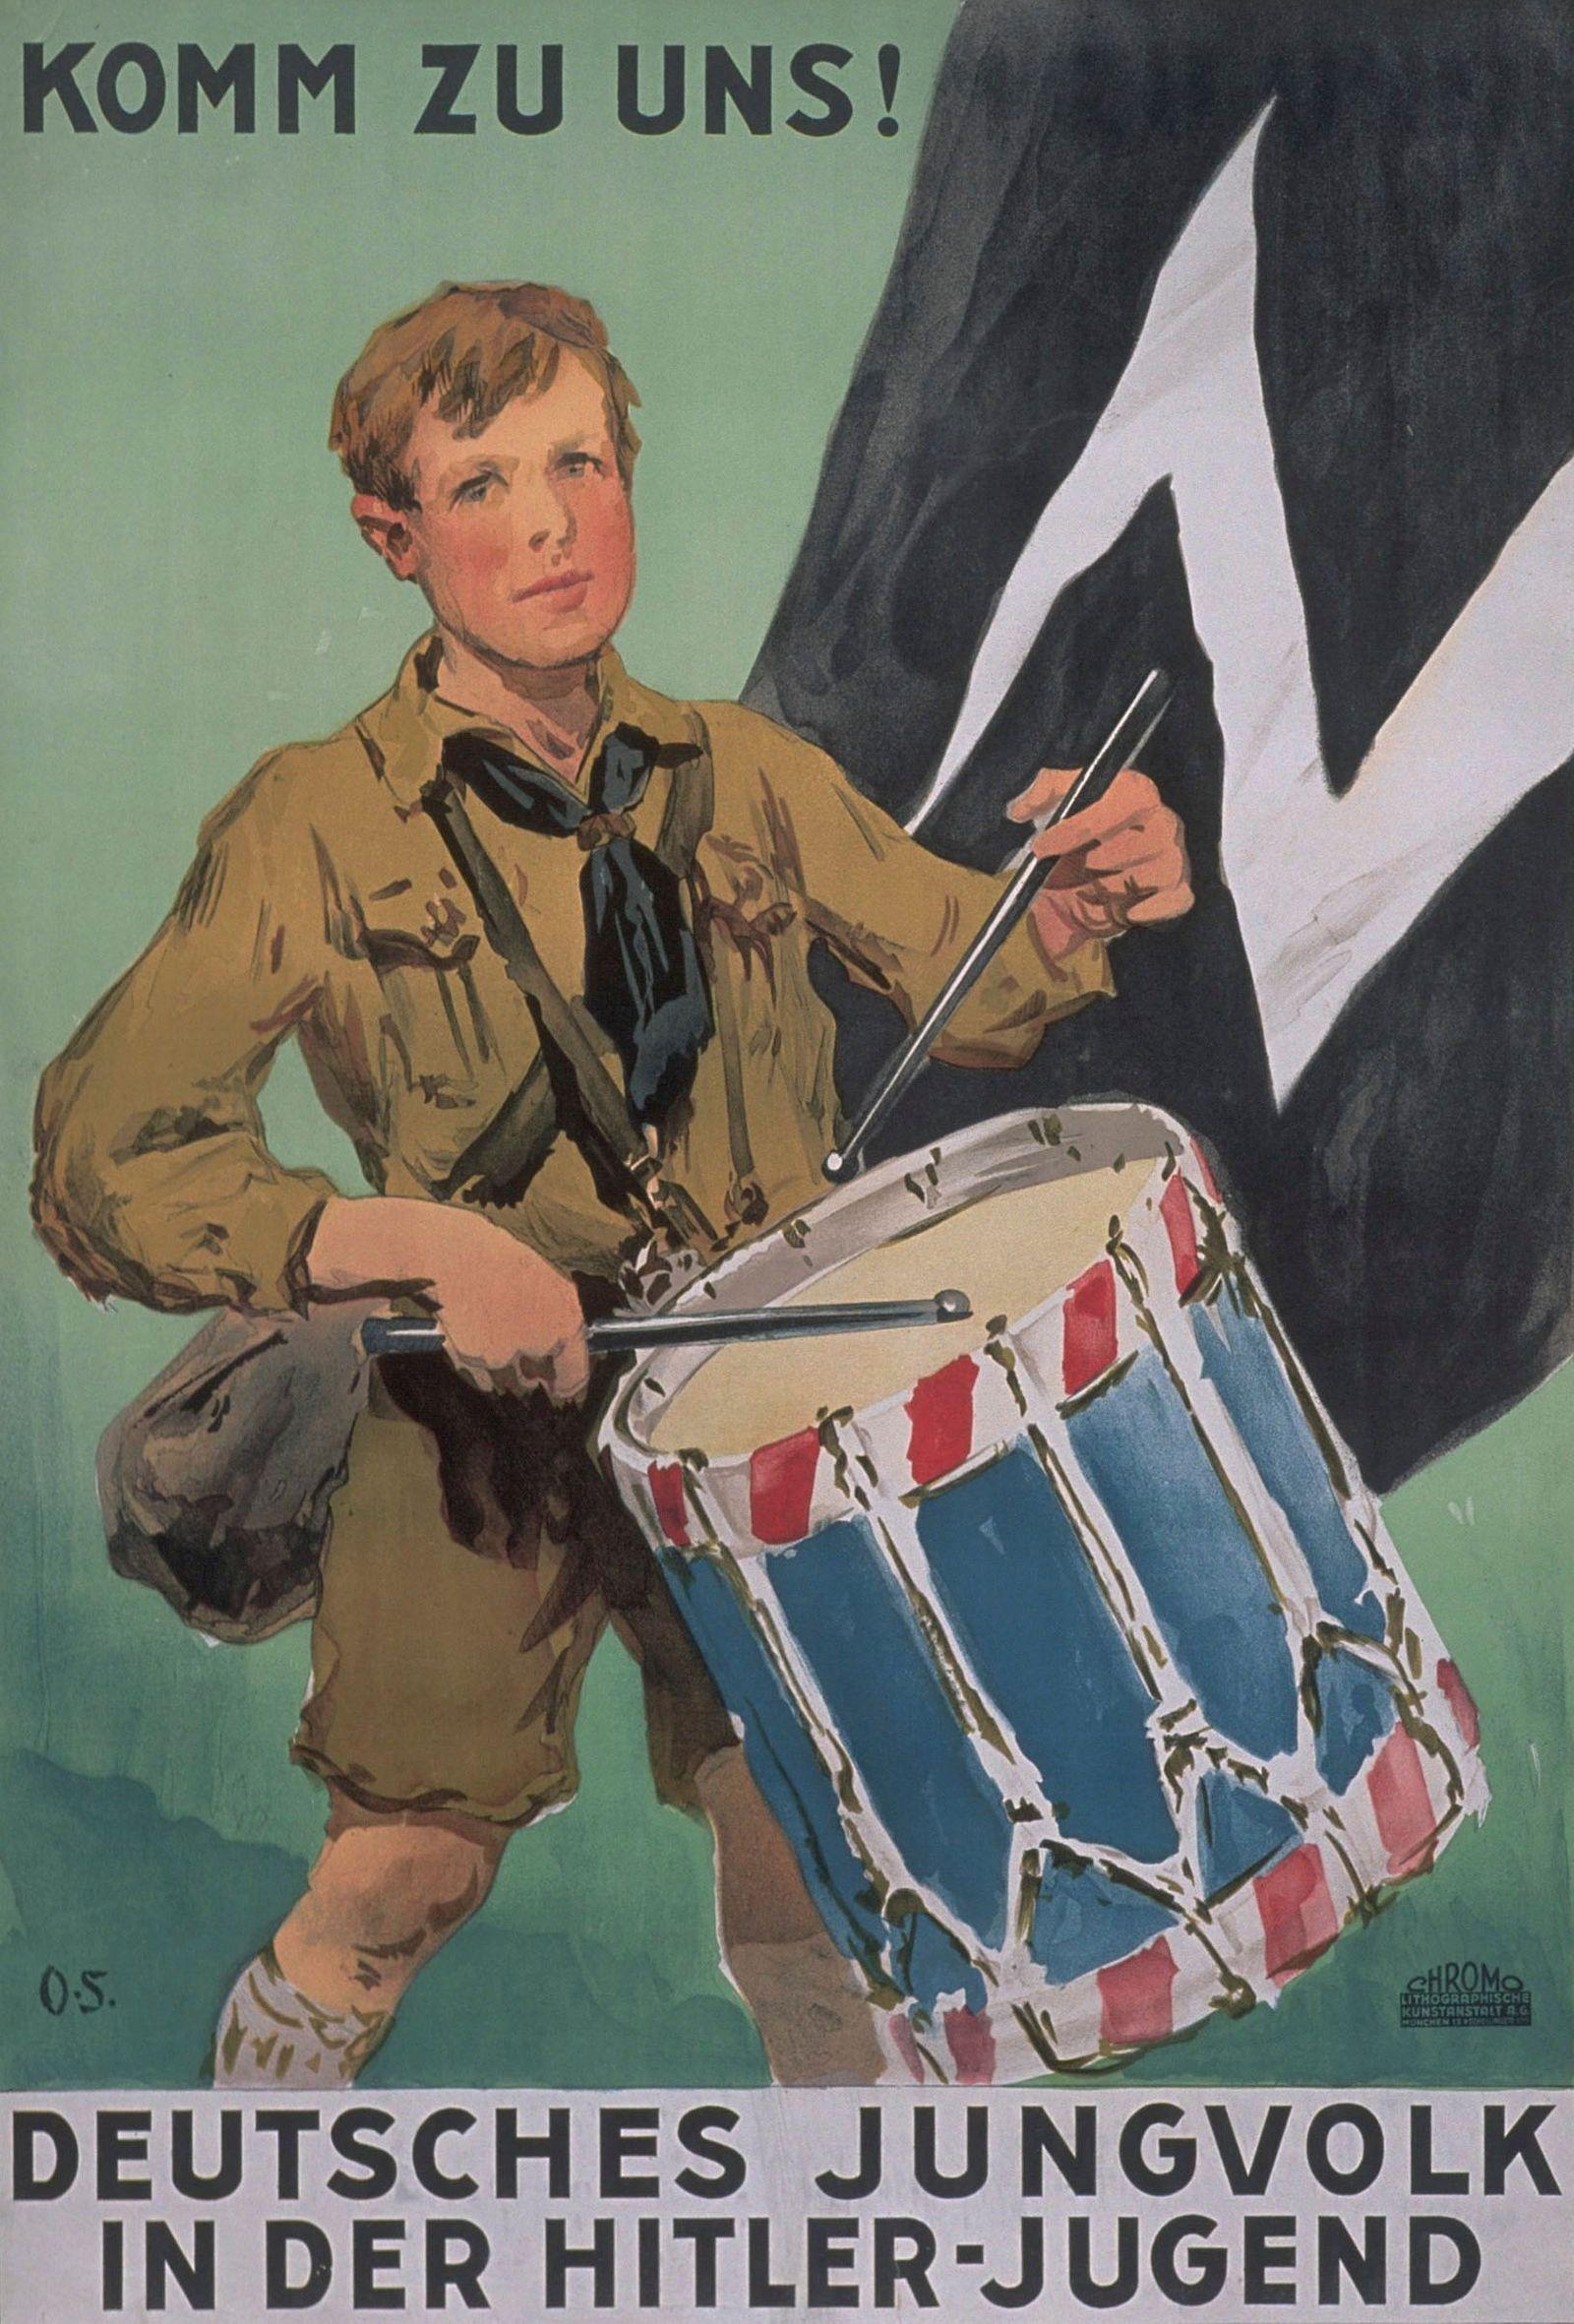 """""""Komm zu uns! - Werbeplakat fŸr das Jungvolk in der Hitlerjugend"""